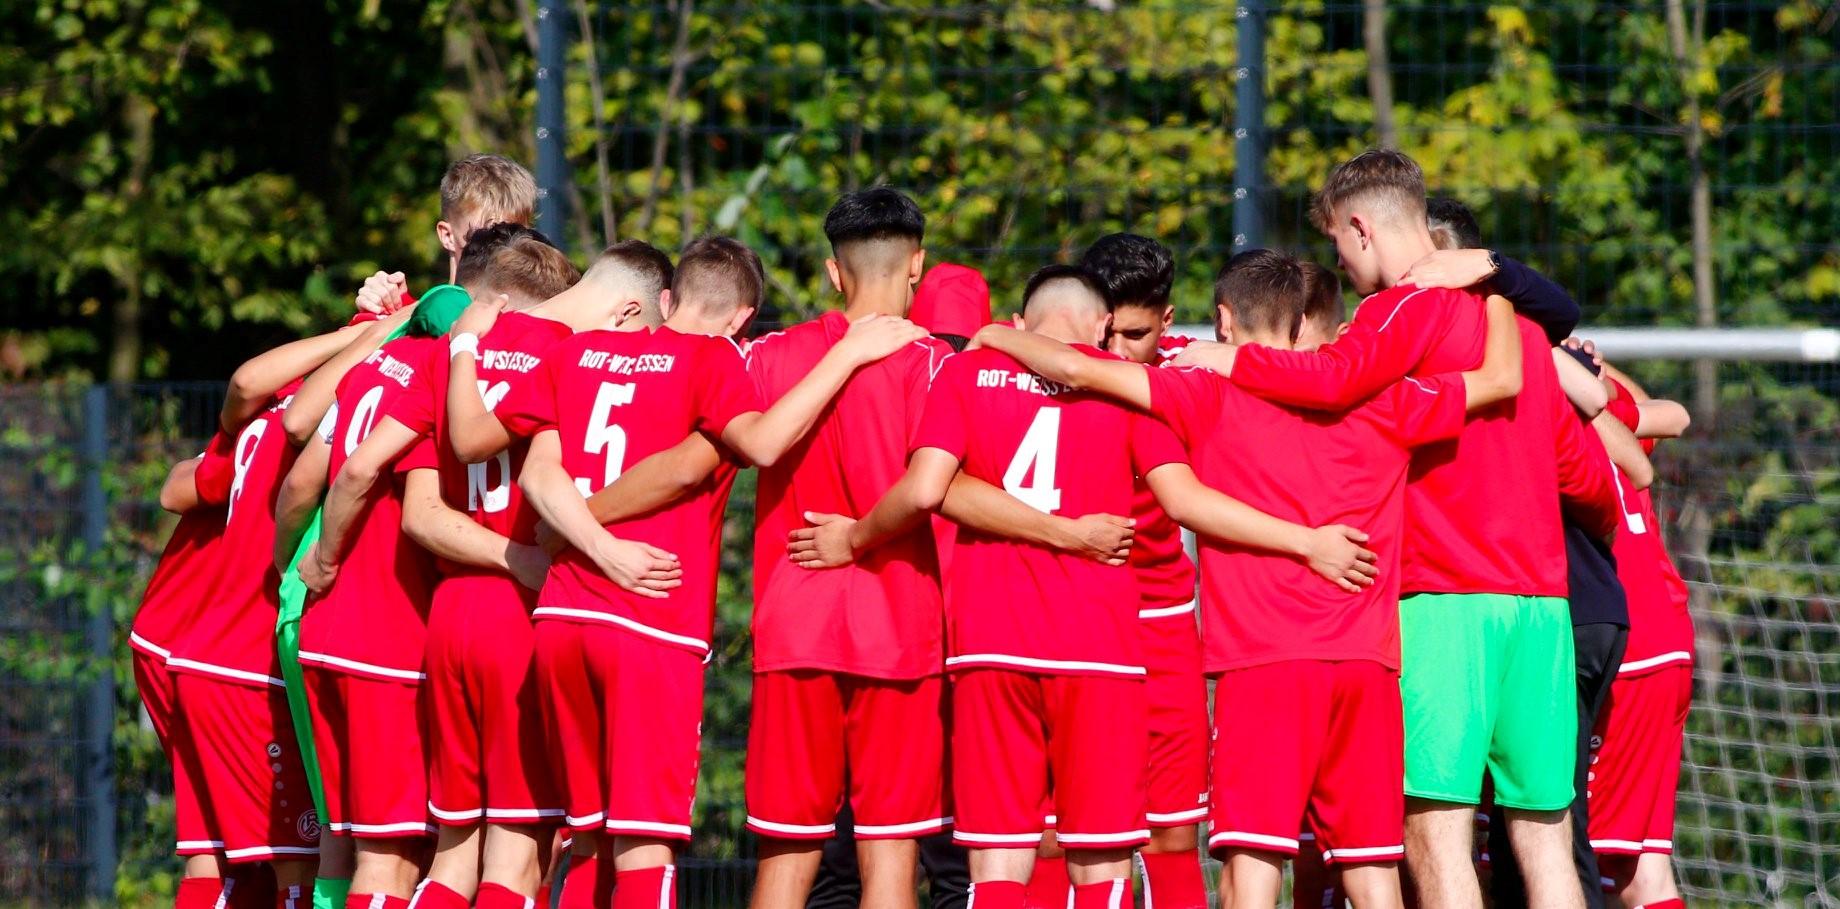 Am Wochenende geht es für die rot-weisse U17 wieder um wichtige Punkte. (Foto: Breilmannswiese)